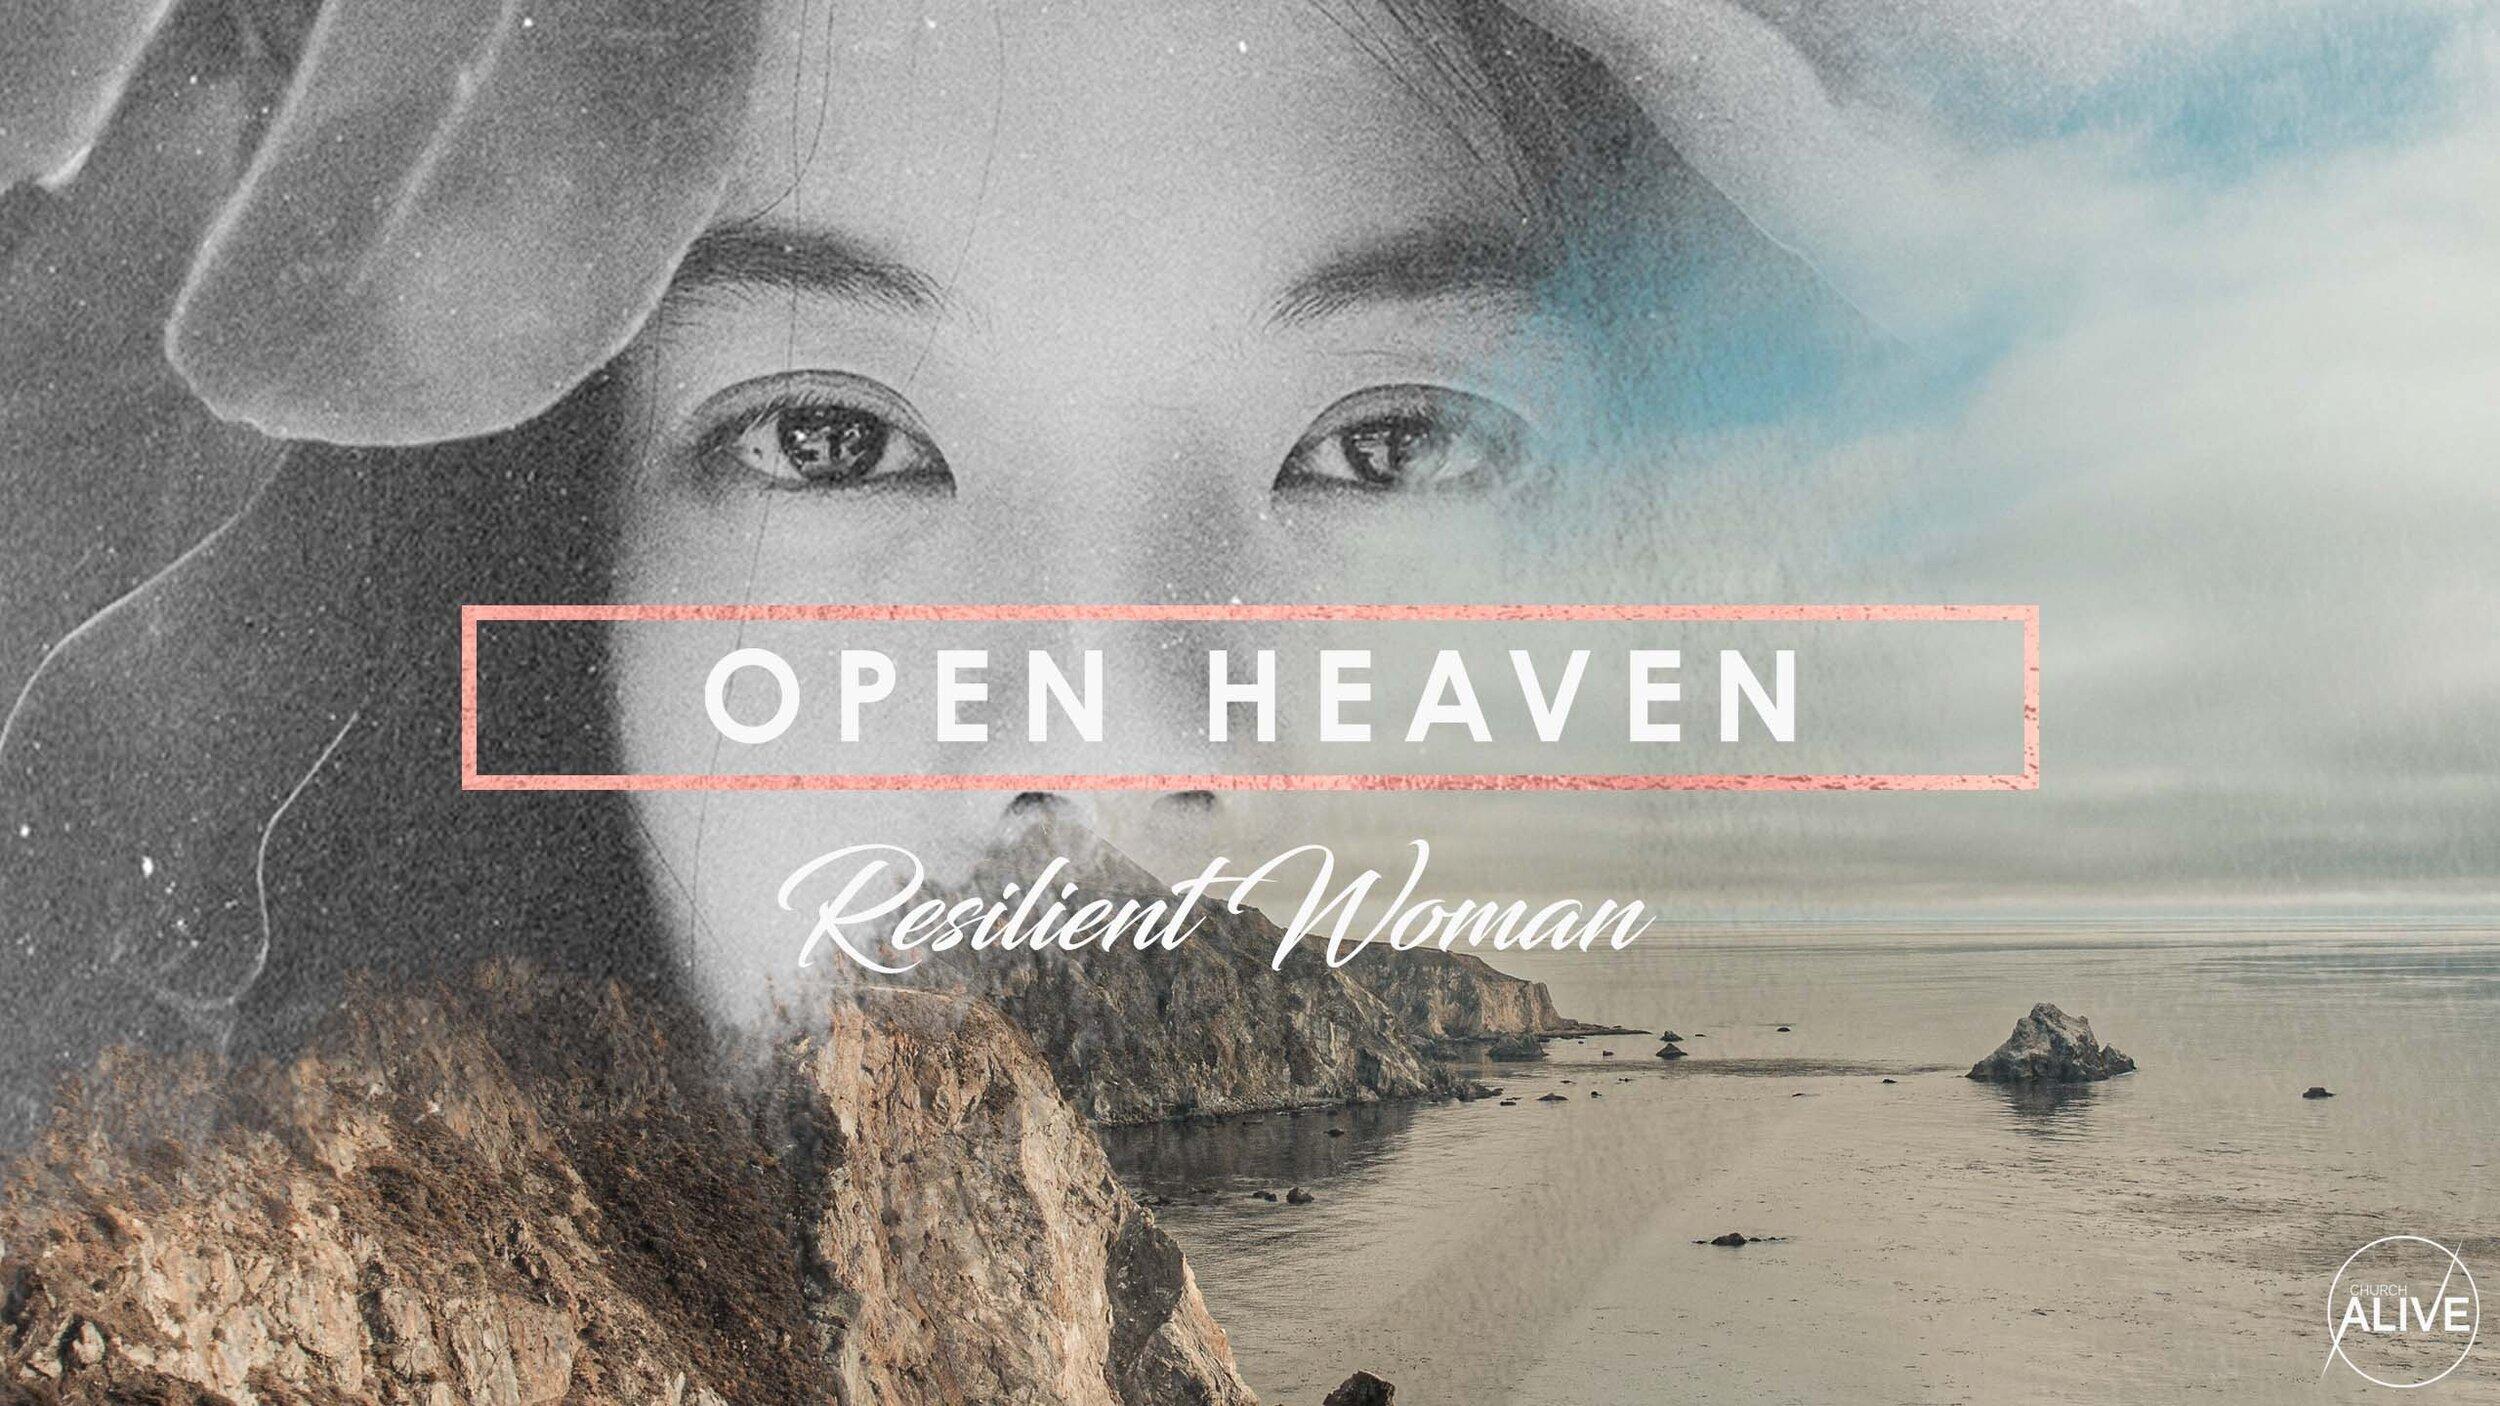 RW+Open+Heaven+Option+2+PreFinal+1.jpg